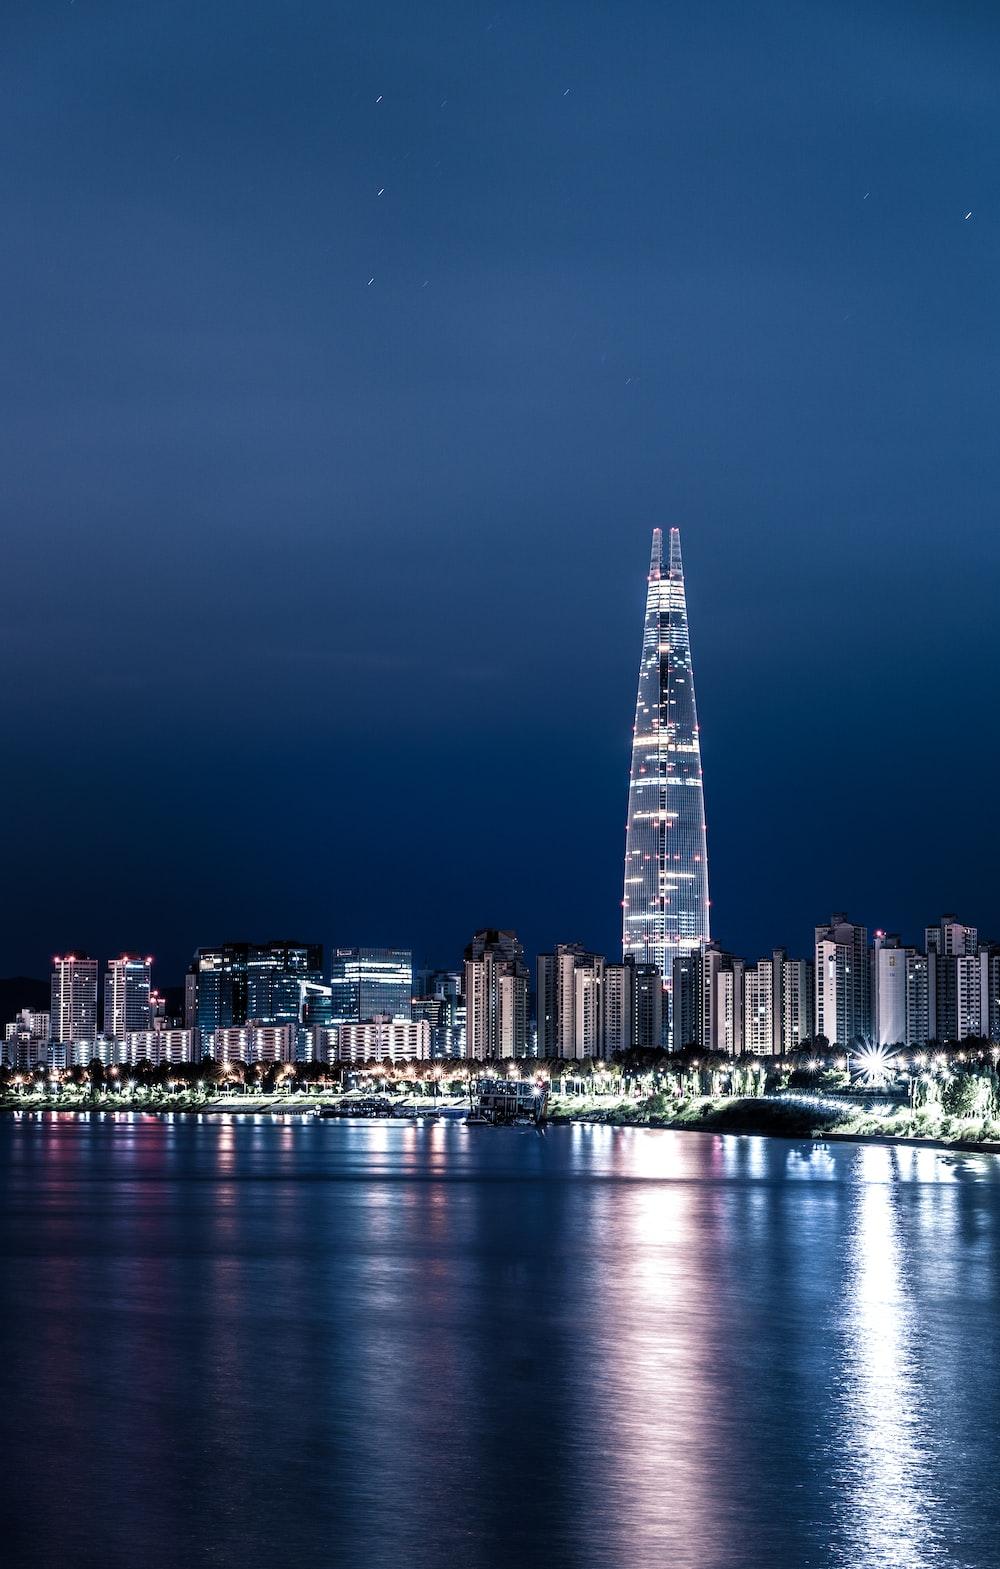 cityscape photography of city skyline